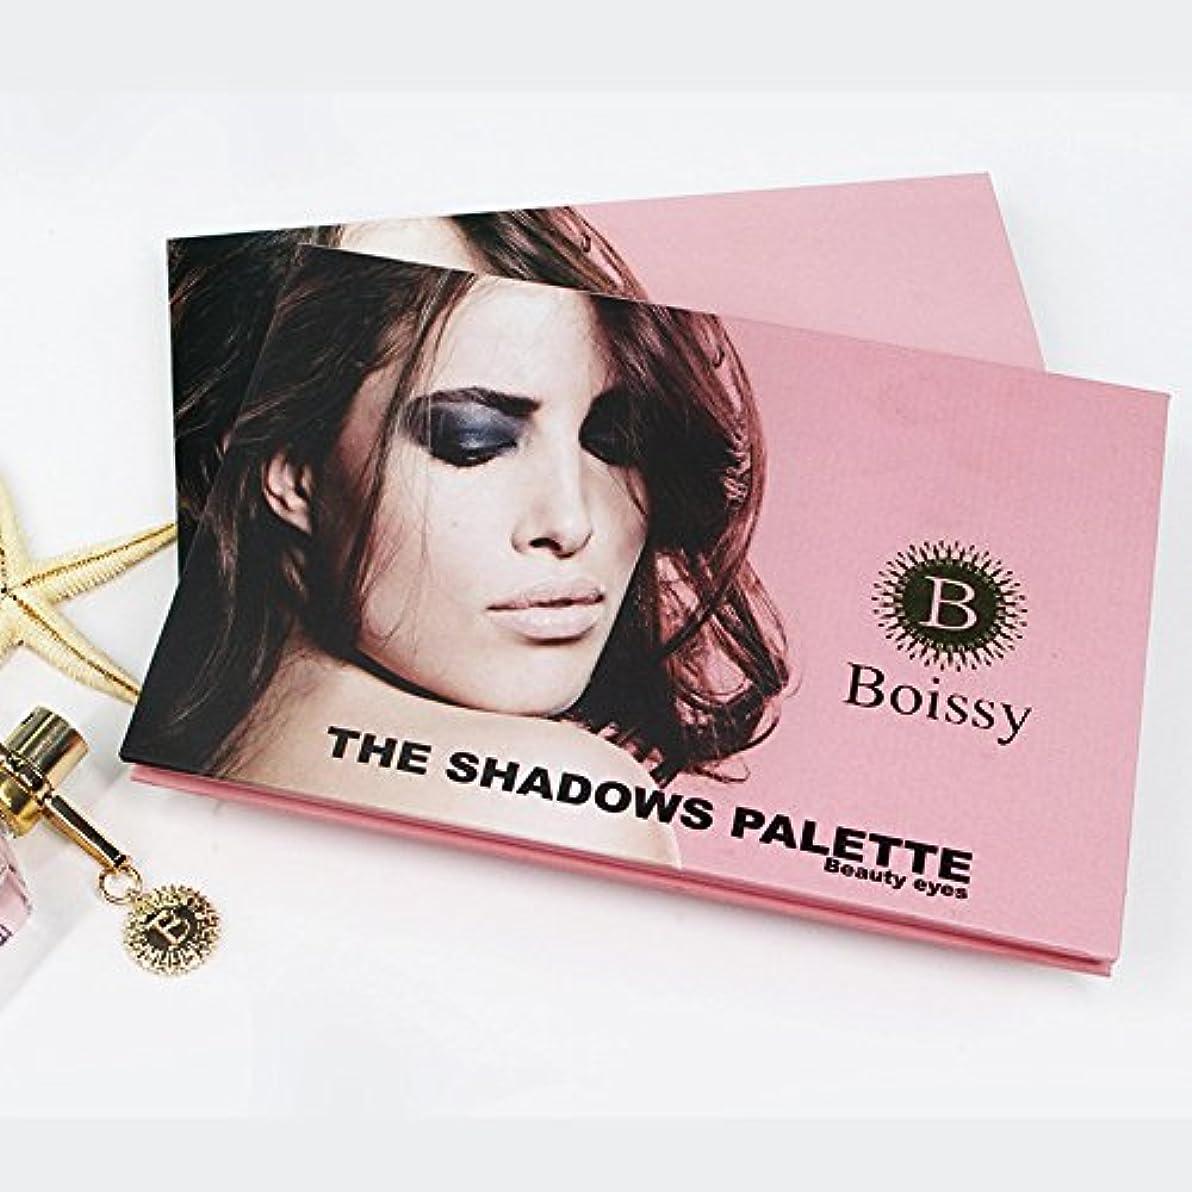 拍車舌実施するAkane アイシャドウパレット BOISSY ファッション 可愛い 魅力的 キラキラ 人気 ピンク 綺麗 長持ち おしゃれ 防水 チャーム 日常 持ち便利 Eye Shadow (24色)